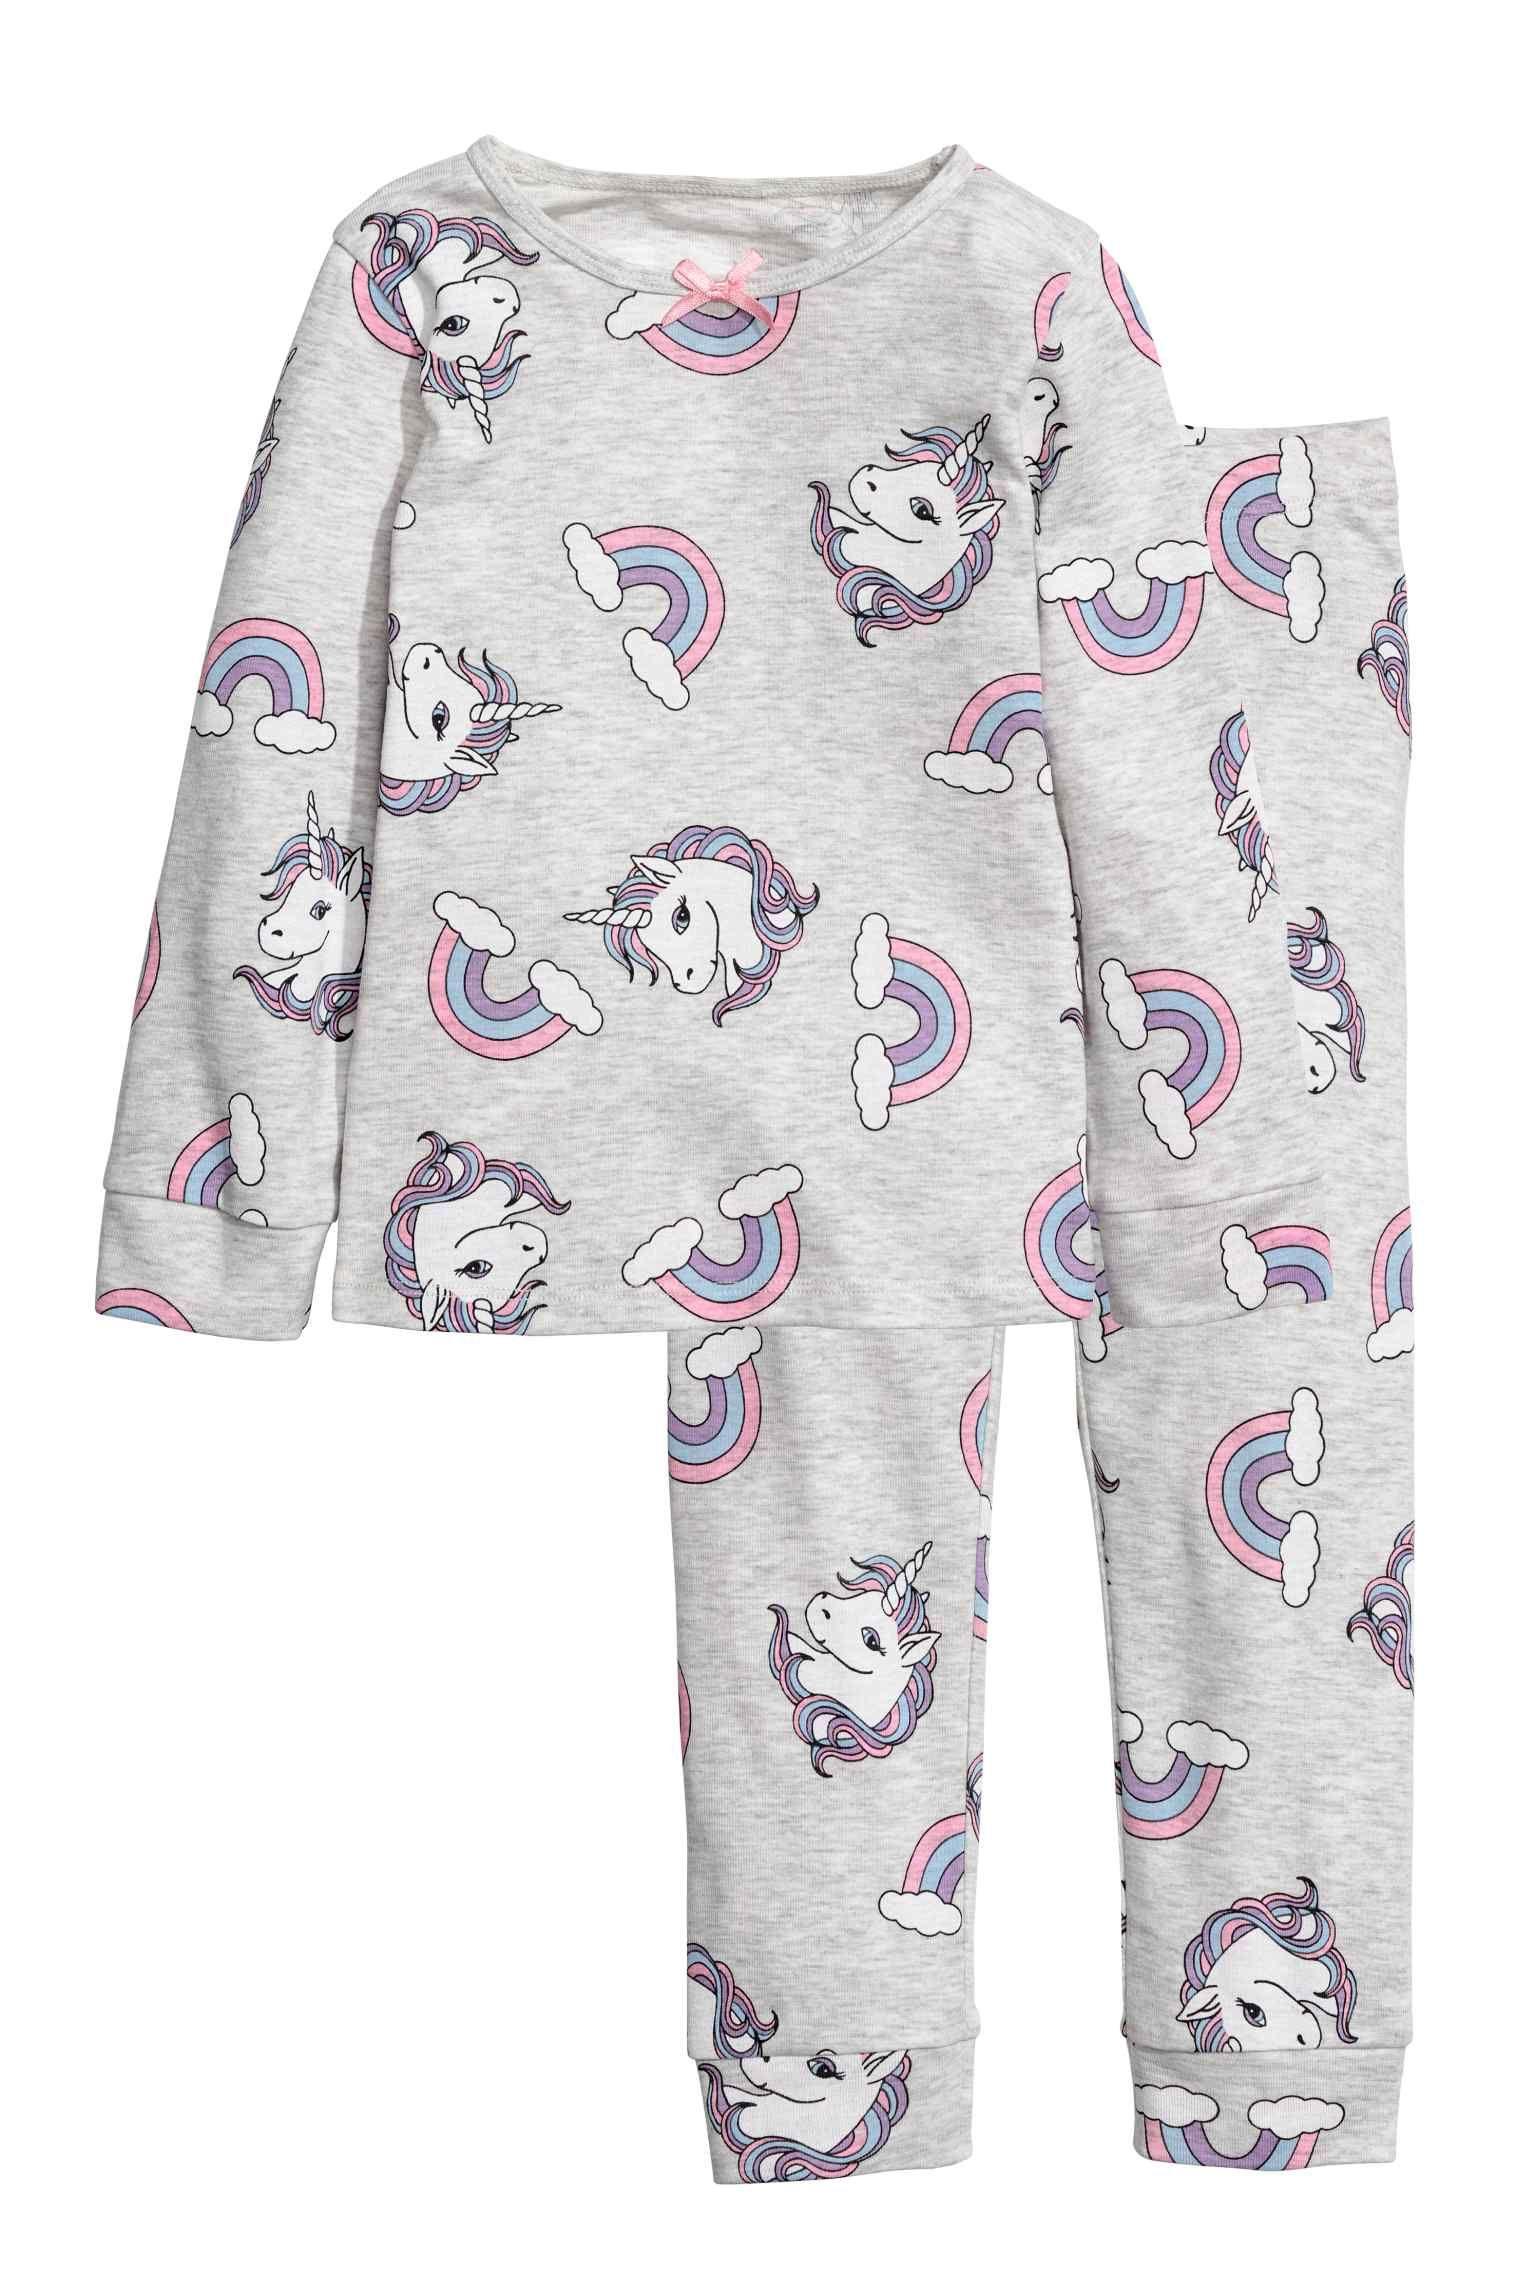 rationelle Konstruktion neueste art große Sammlung Pyjama en jersey | Einhörner, Outfit ideen und Regenbögen